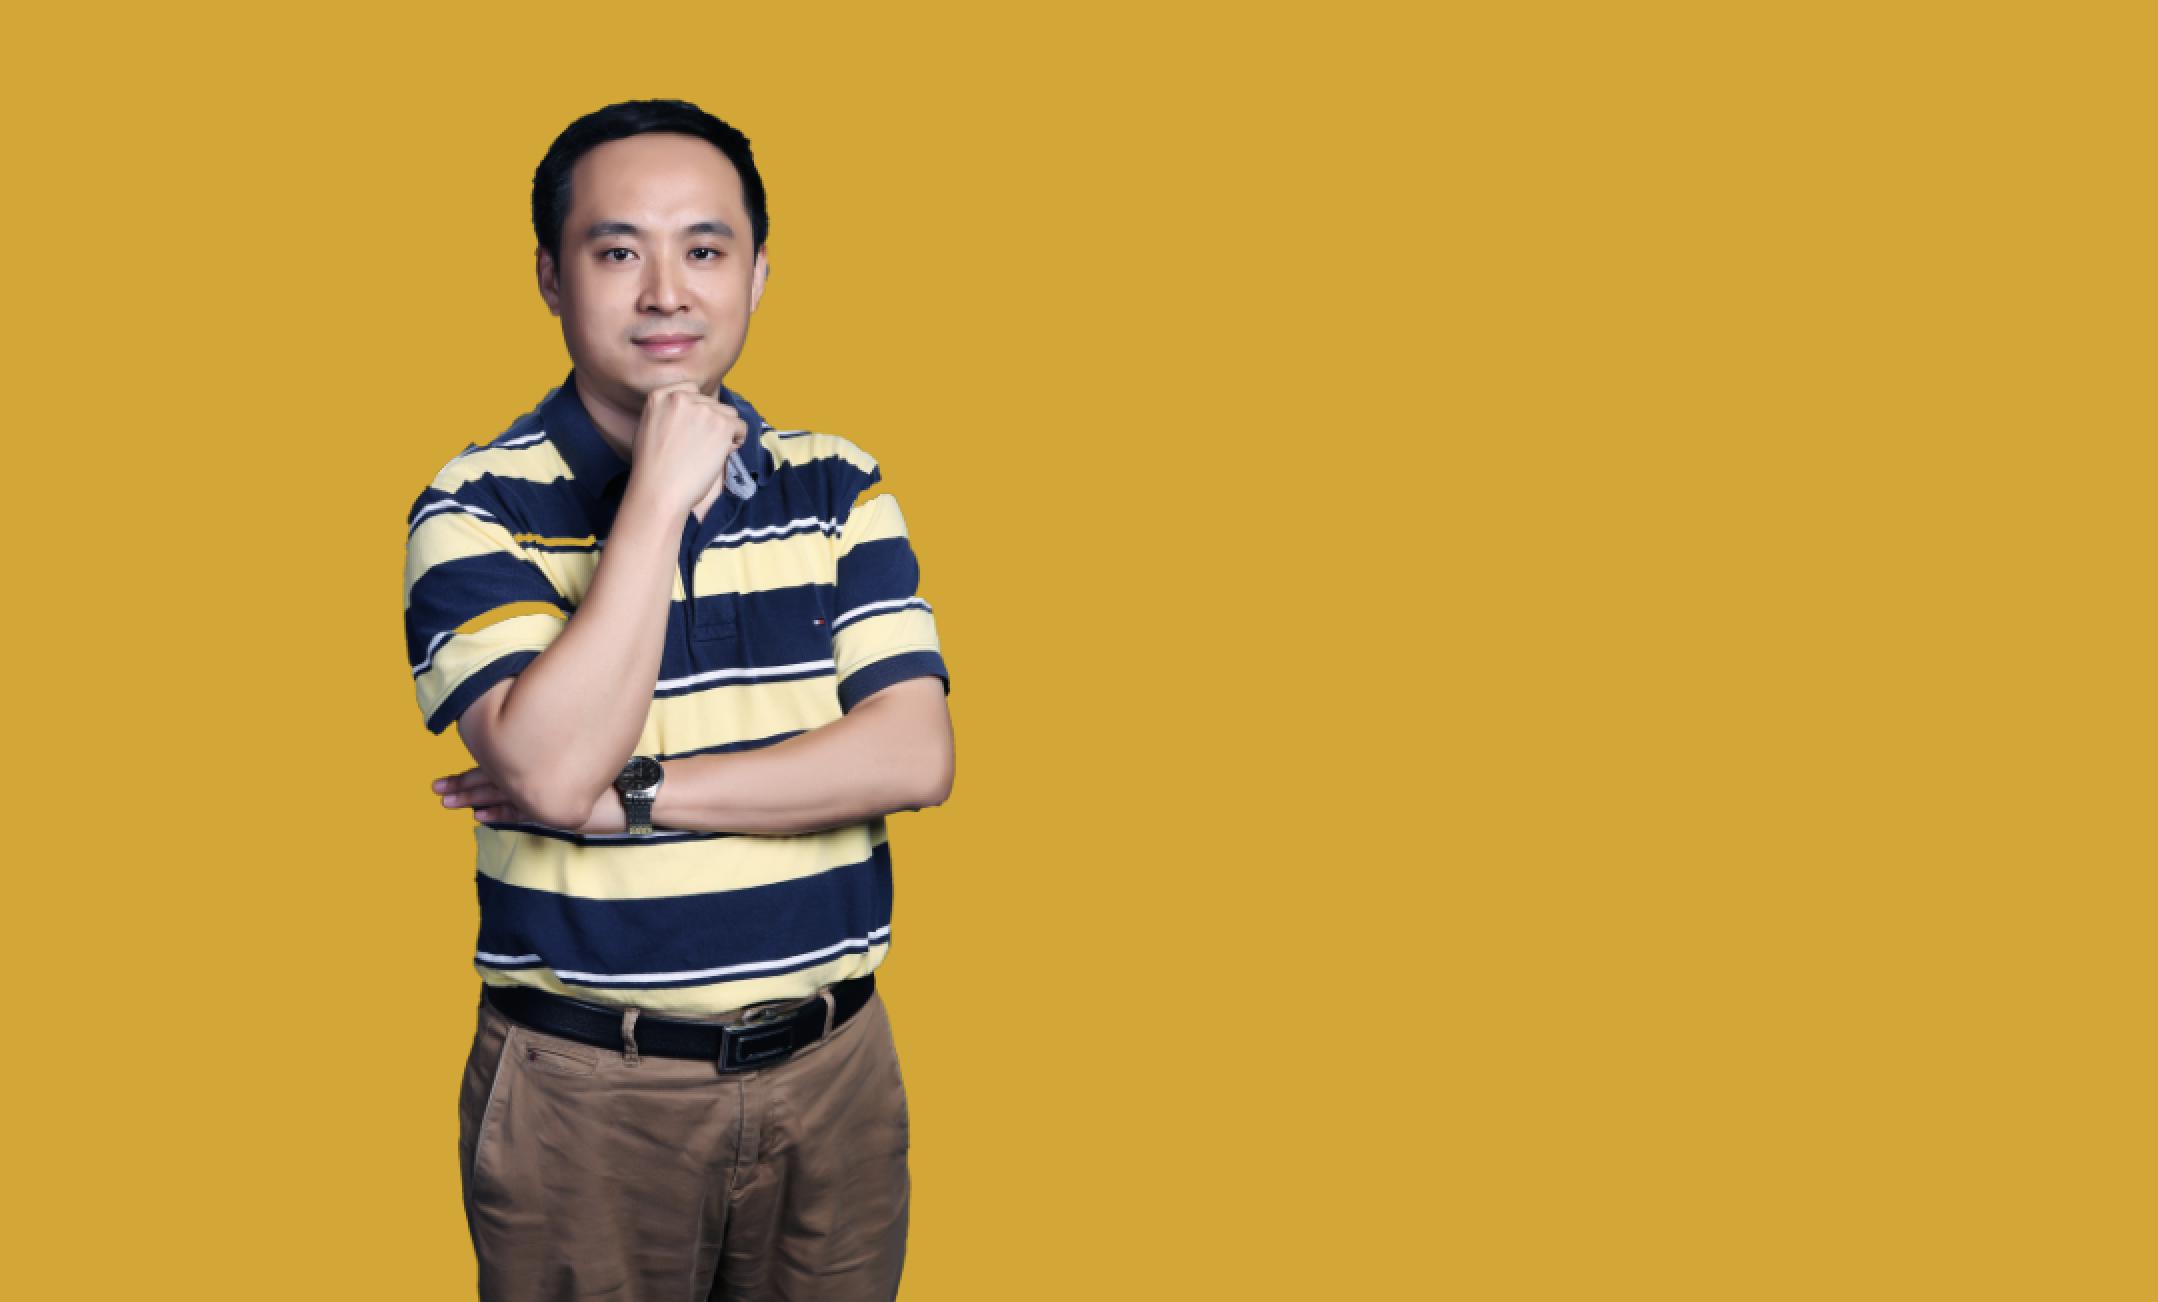 欢创科技创始人周琨:抓住人工智能热潮,做高精度定位视觉传感器引领者